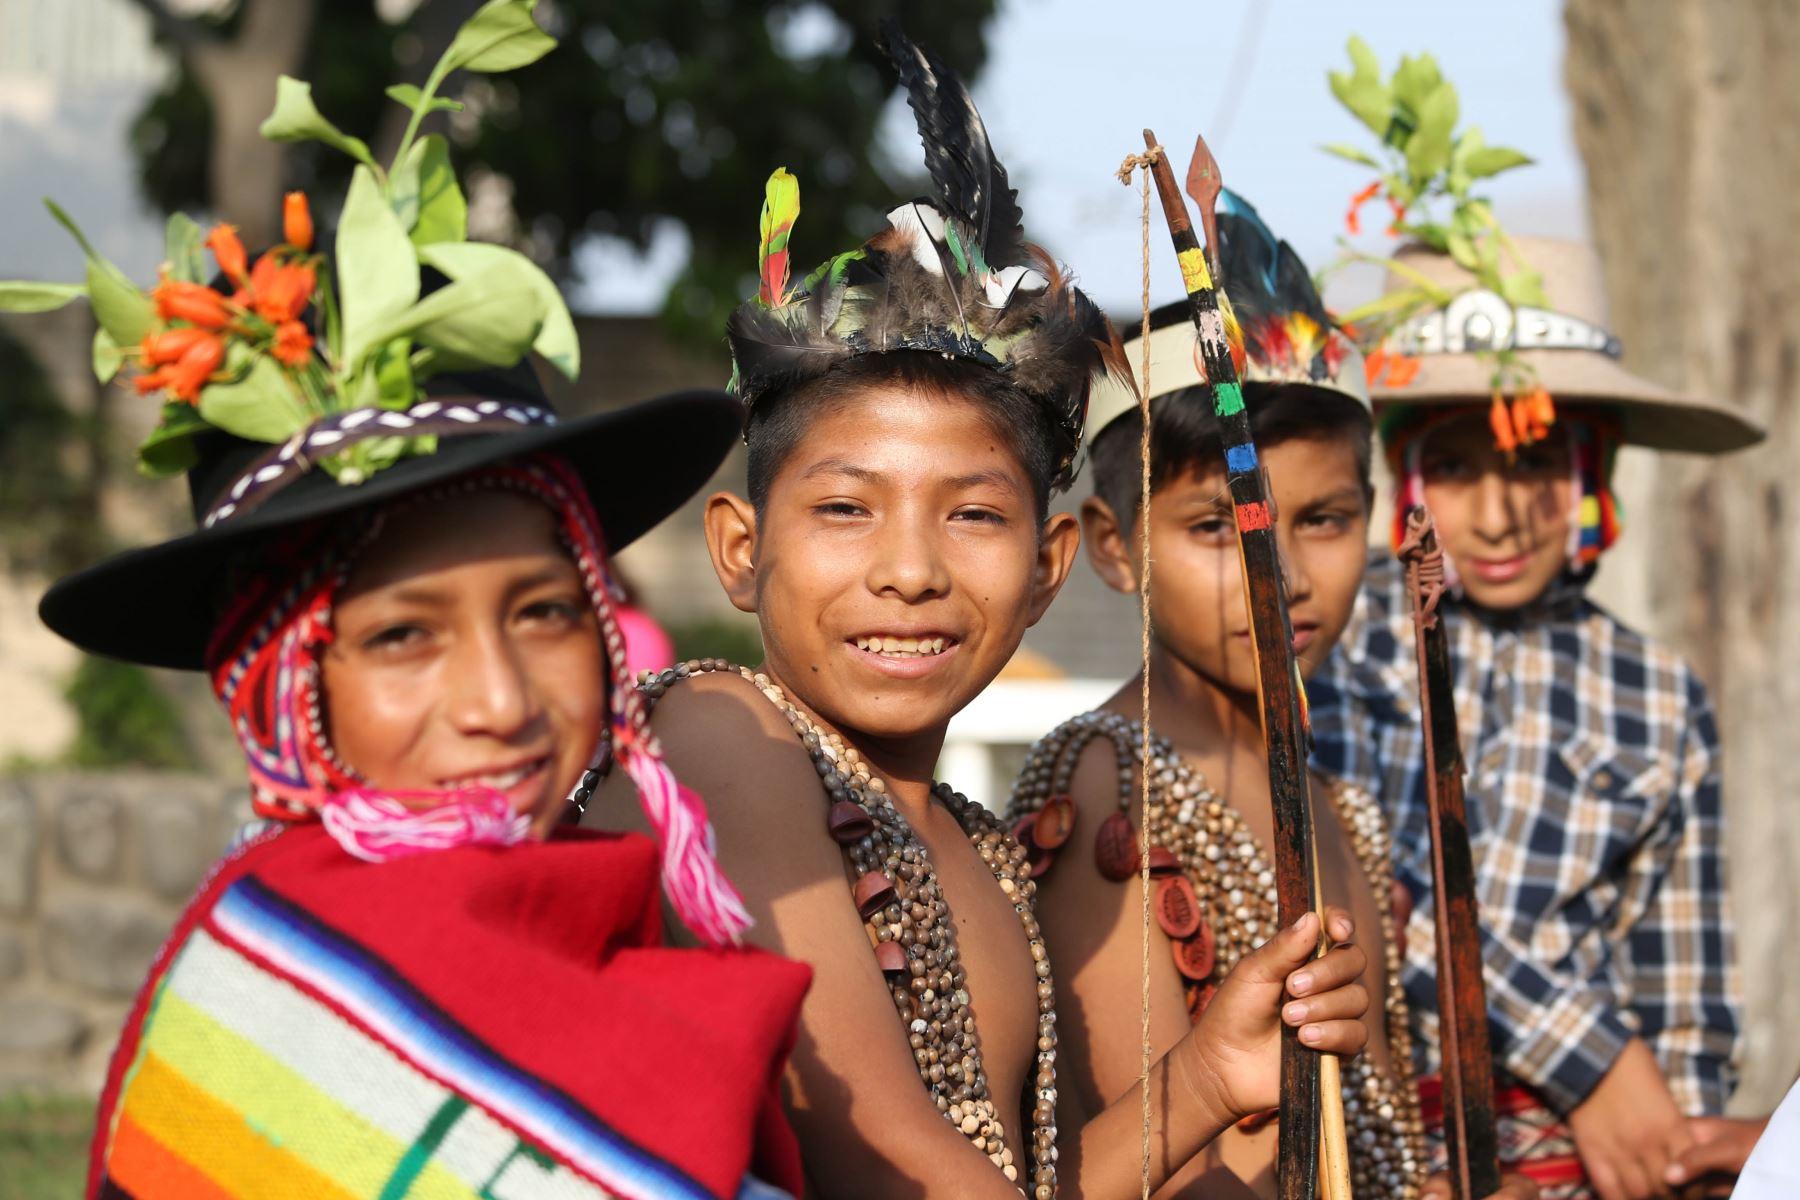 En los últimos siete años, el Perú ha mostrado avances importantes en la inclusión social, recuperación, promoción y valoración de las lenguas indígenas u originarias que son habladas por más de cuatro millones de peruanos, es decir, el 15% de la población total del país. ANDINA/Difusión